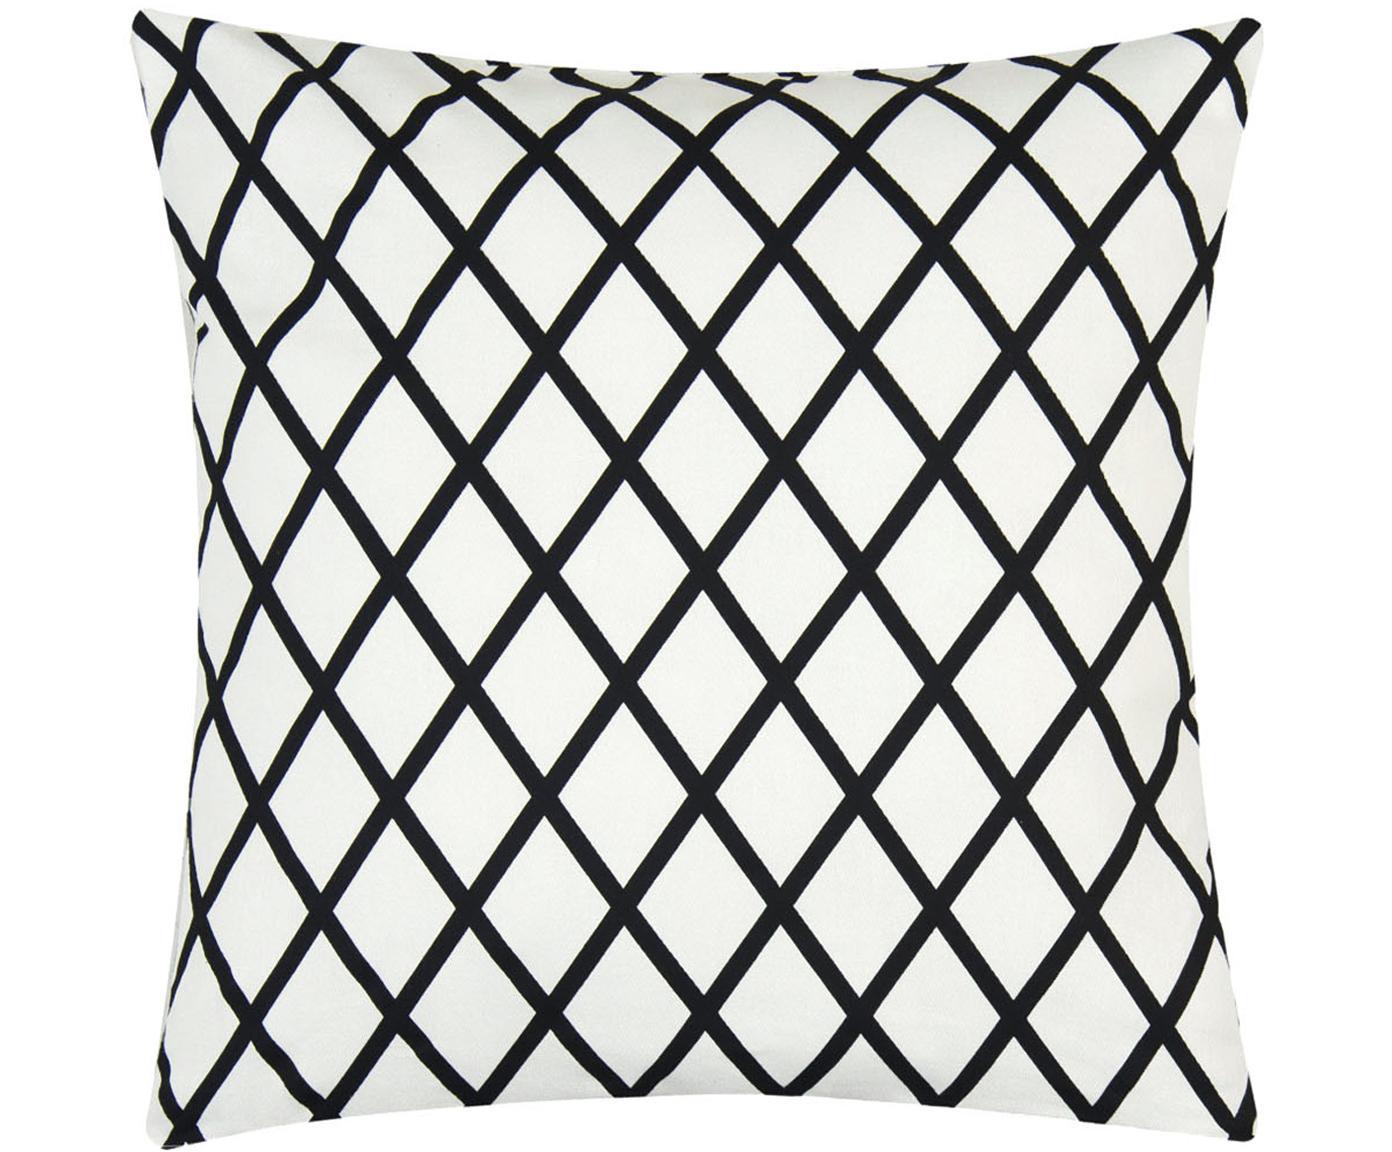 Poszewka na poduszkę Romy, 100% bawełna, splot Panama, Czarny, Kremowy, S 40 x D 40 cm